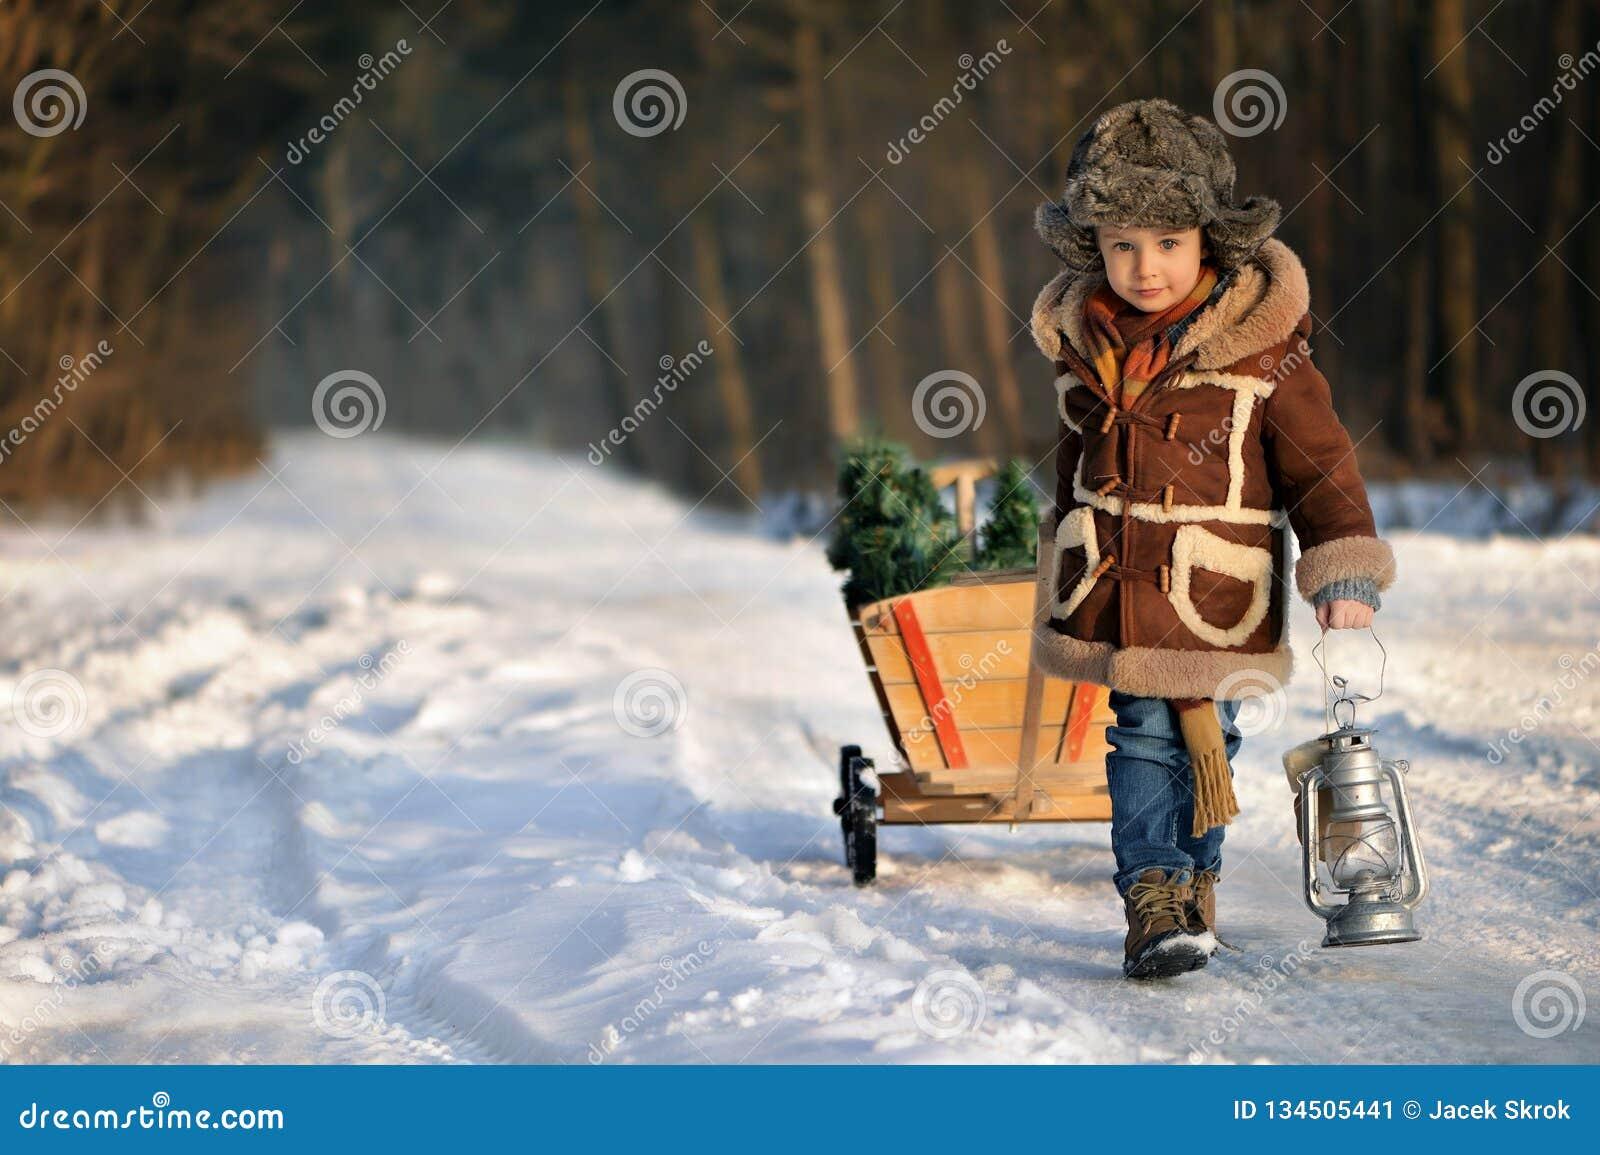 Junge mit einem Weihnachtsbaum im Winterwald